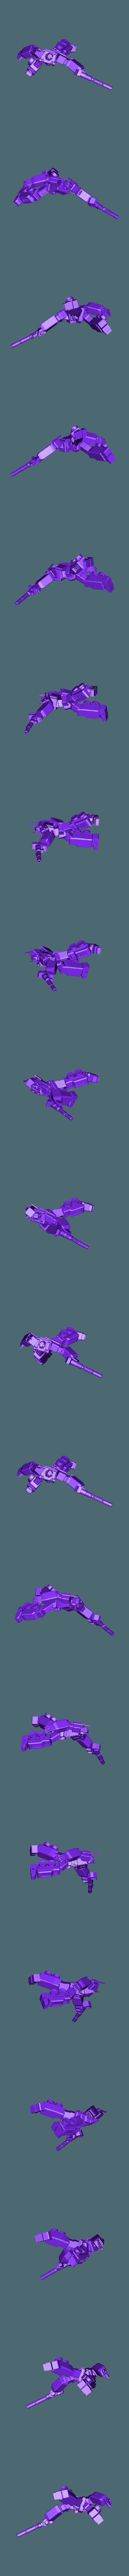 OptimusPrime.stl Télécharger fichier STL gratuit Optimus Prime (Transformateurs) • Objet à imprimer en 3D, 3DWP